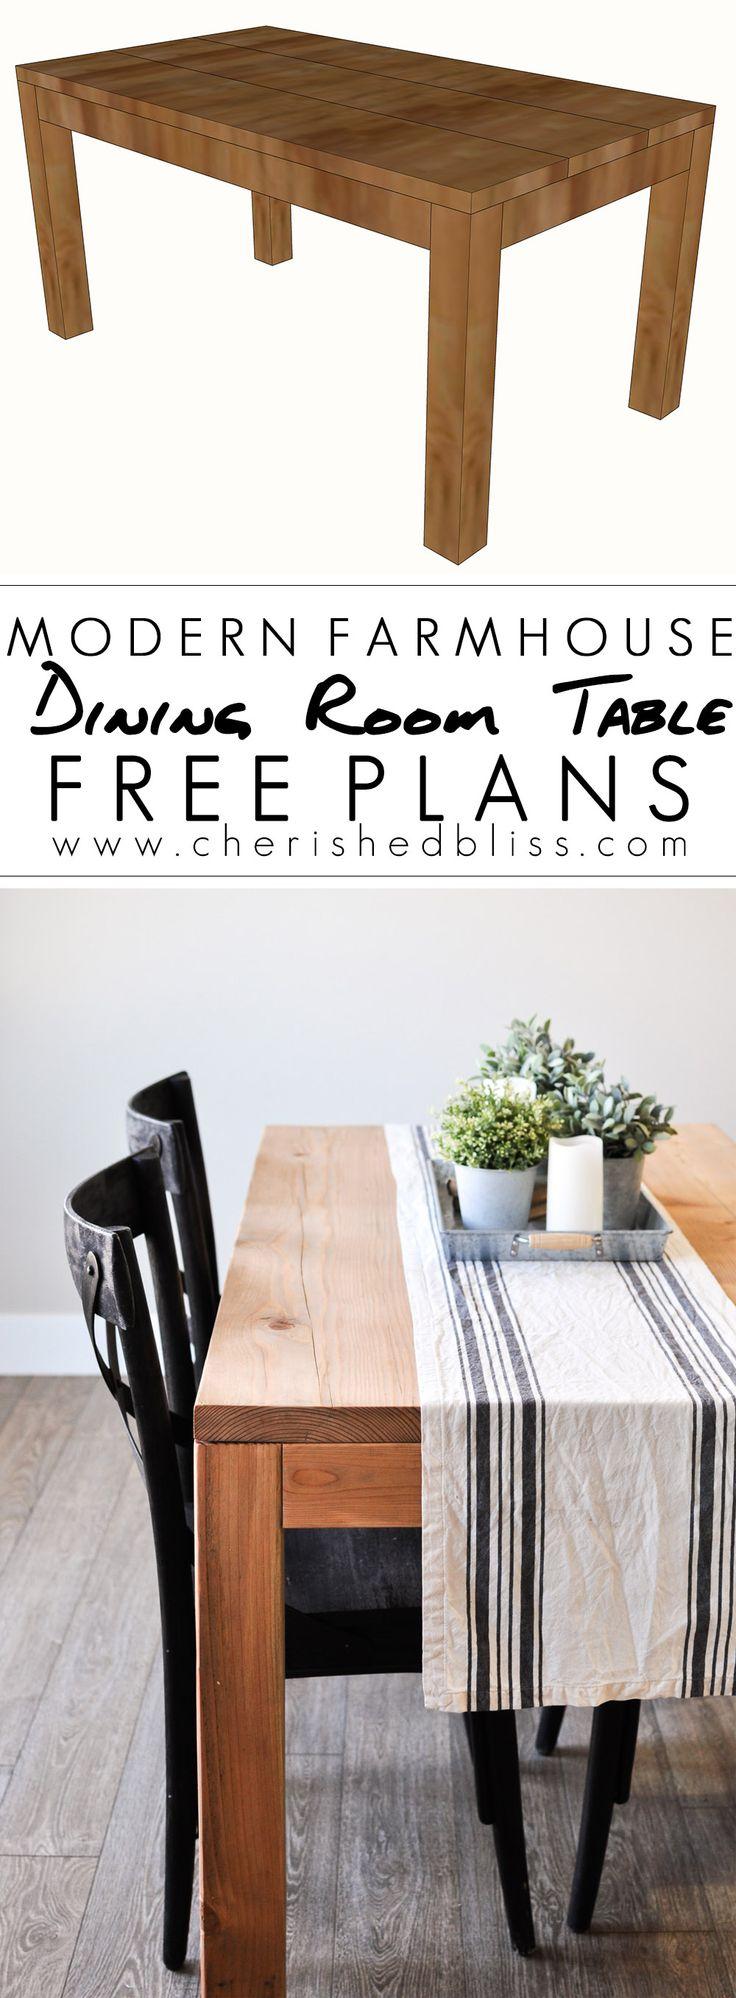 modern-farmhouse-dining-room-table-plans